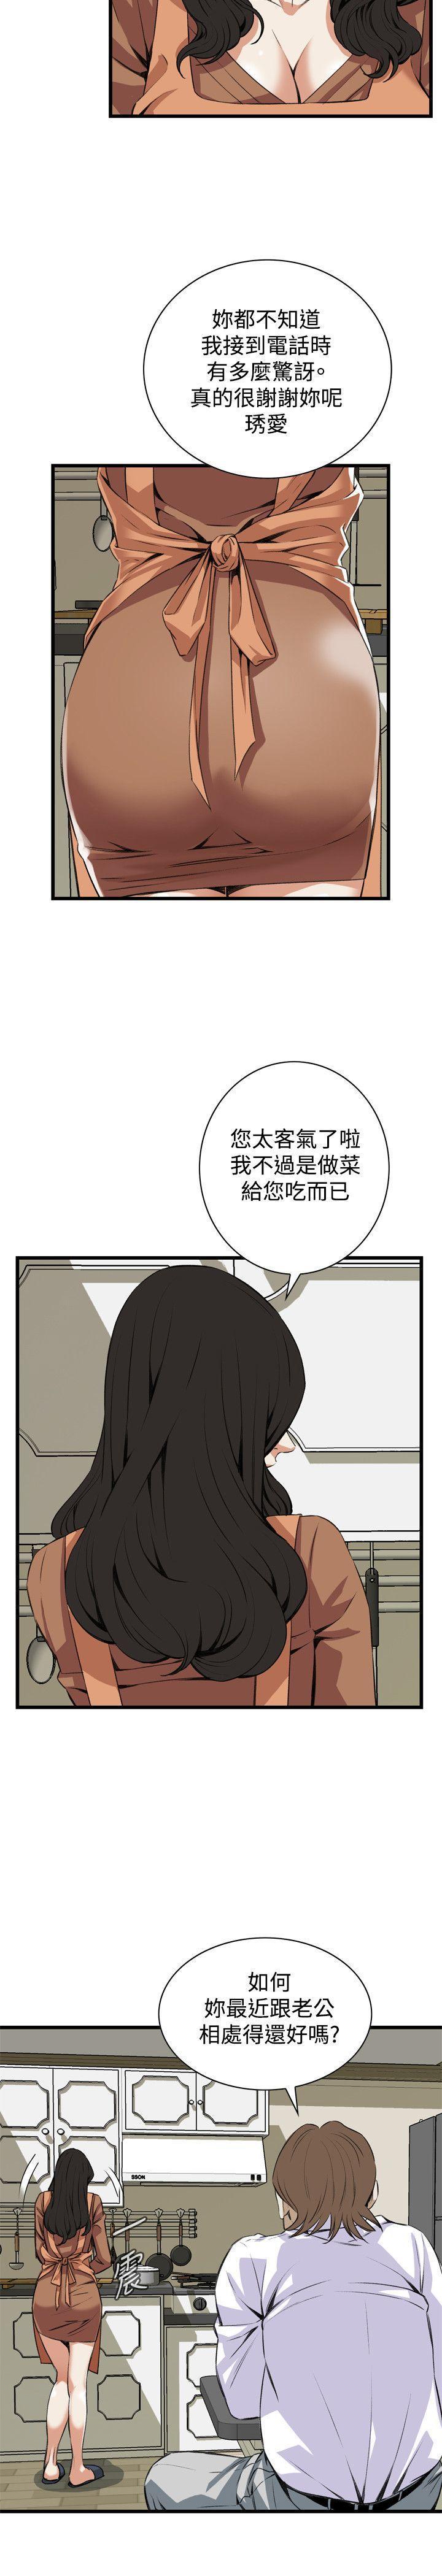 偷窥72-93 Chinese Rsiky 214